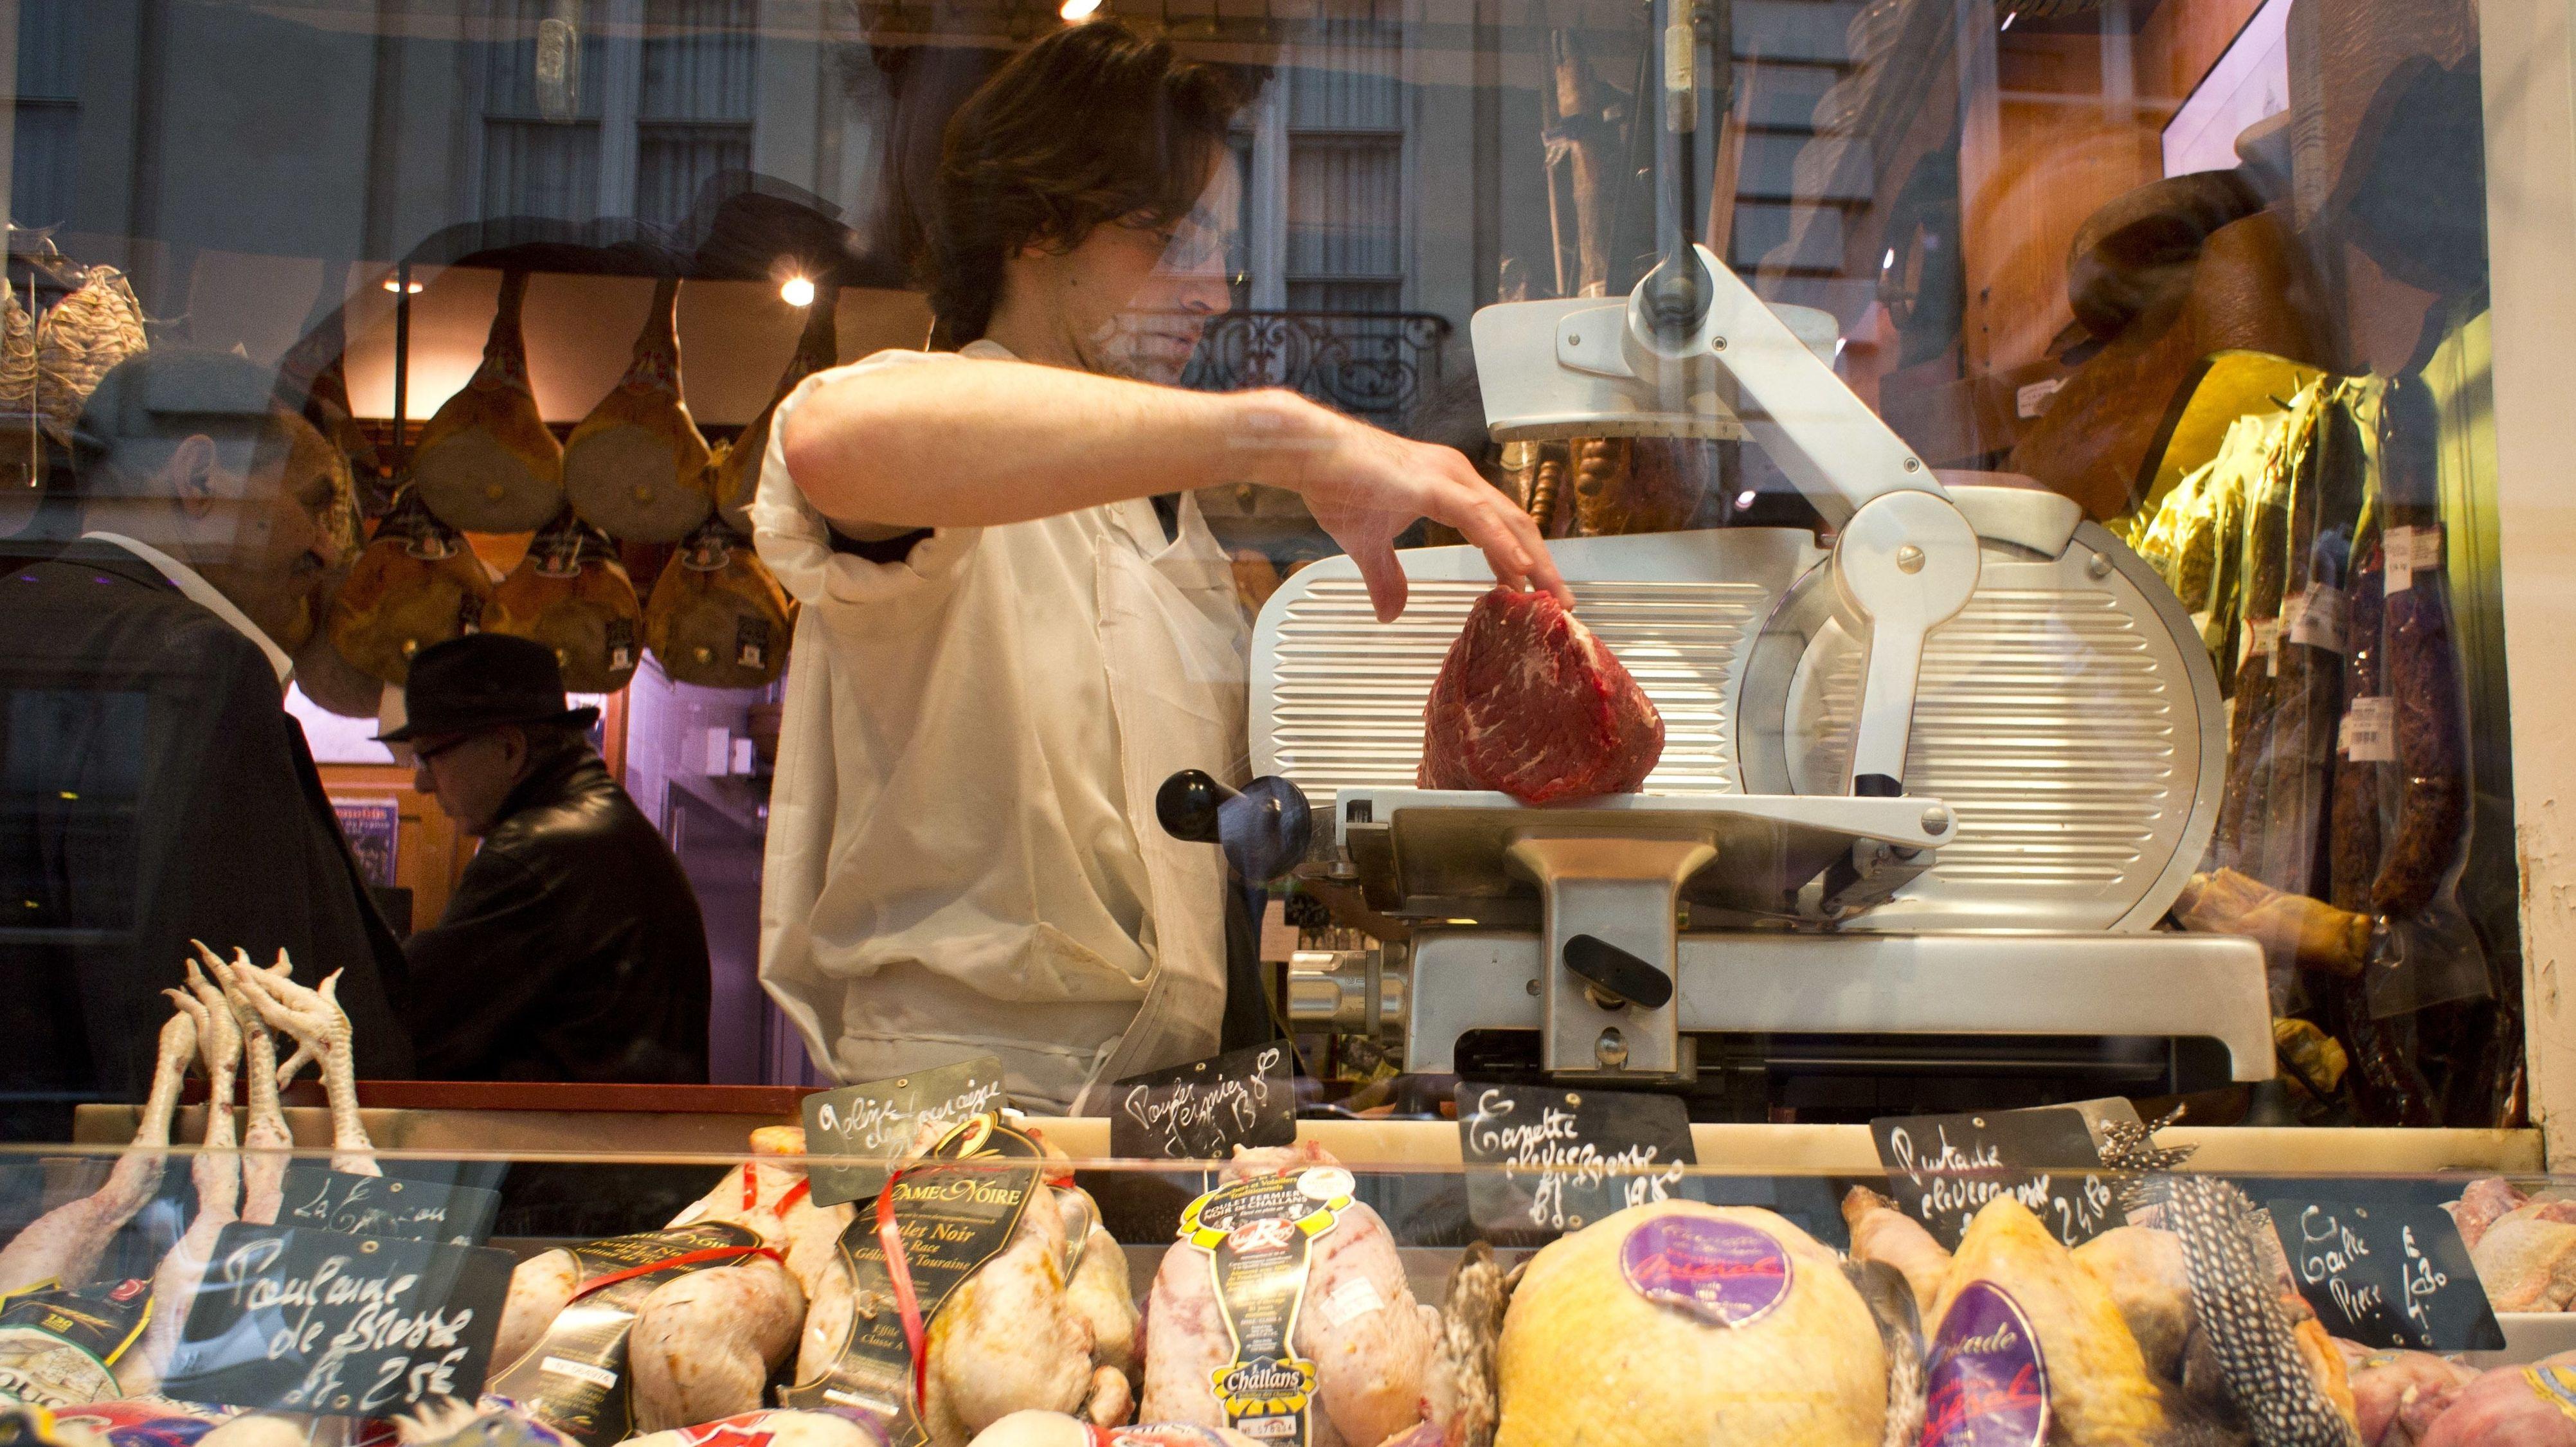 Das Schaufenster eines Metzgerladens auf der Ile Saint-Louis, einer Insel in der Seine in Paris.